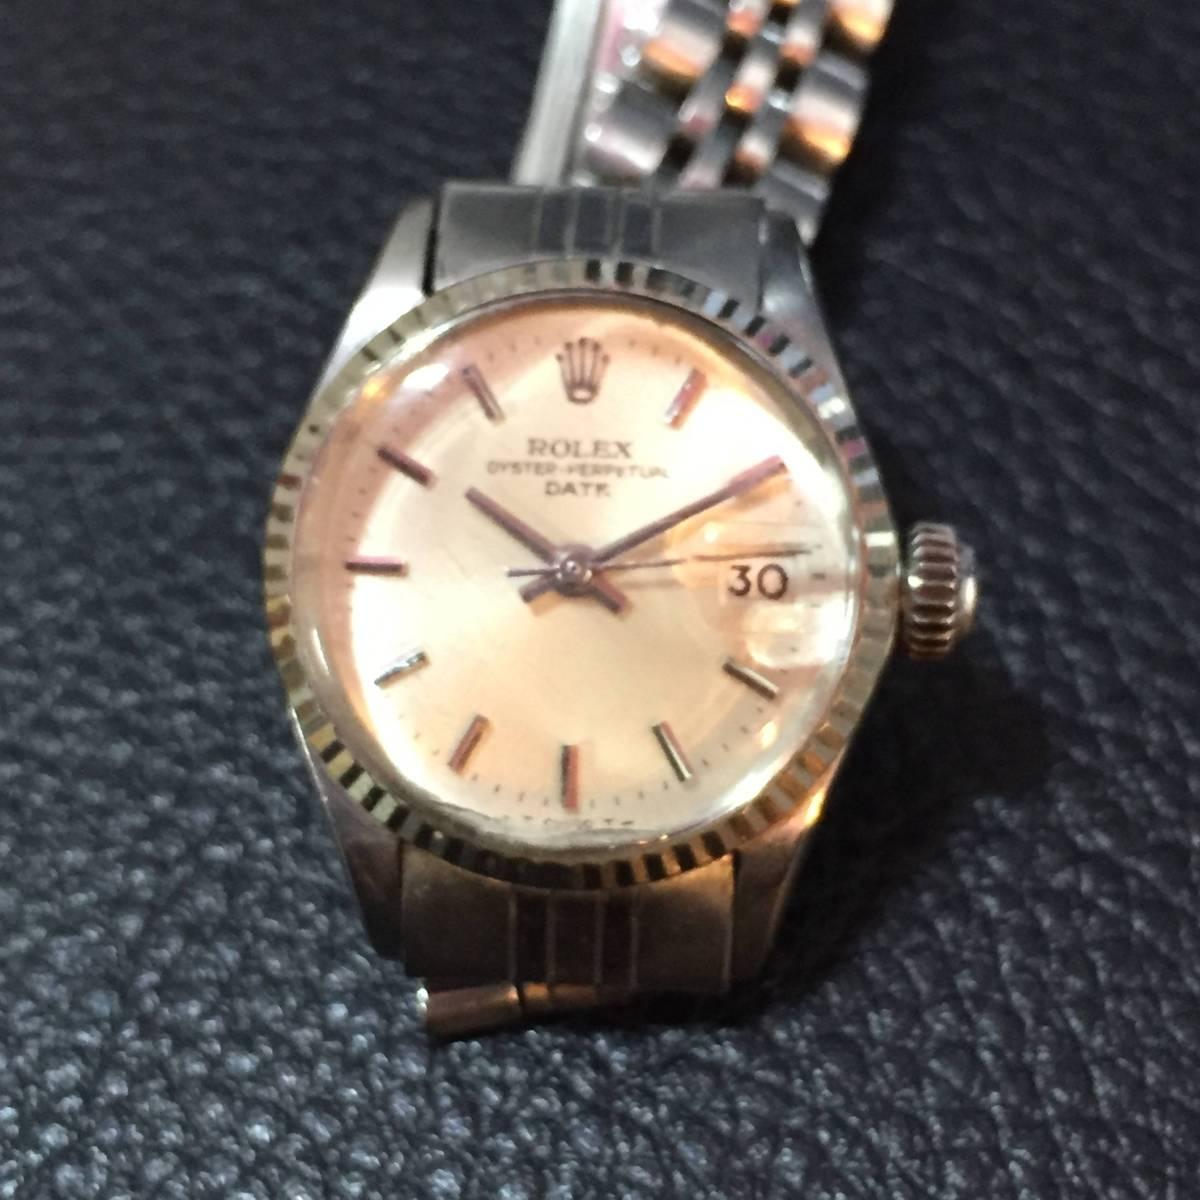 ※動作品 現状品 ROLEX ロレックス レディース デイトジャスト Ref.6924 手巻き腕時計 本体のみ【3002091548/B-2】_画像3